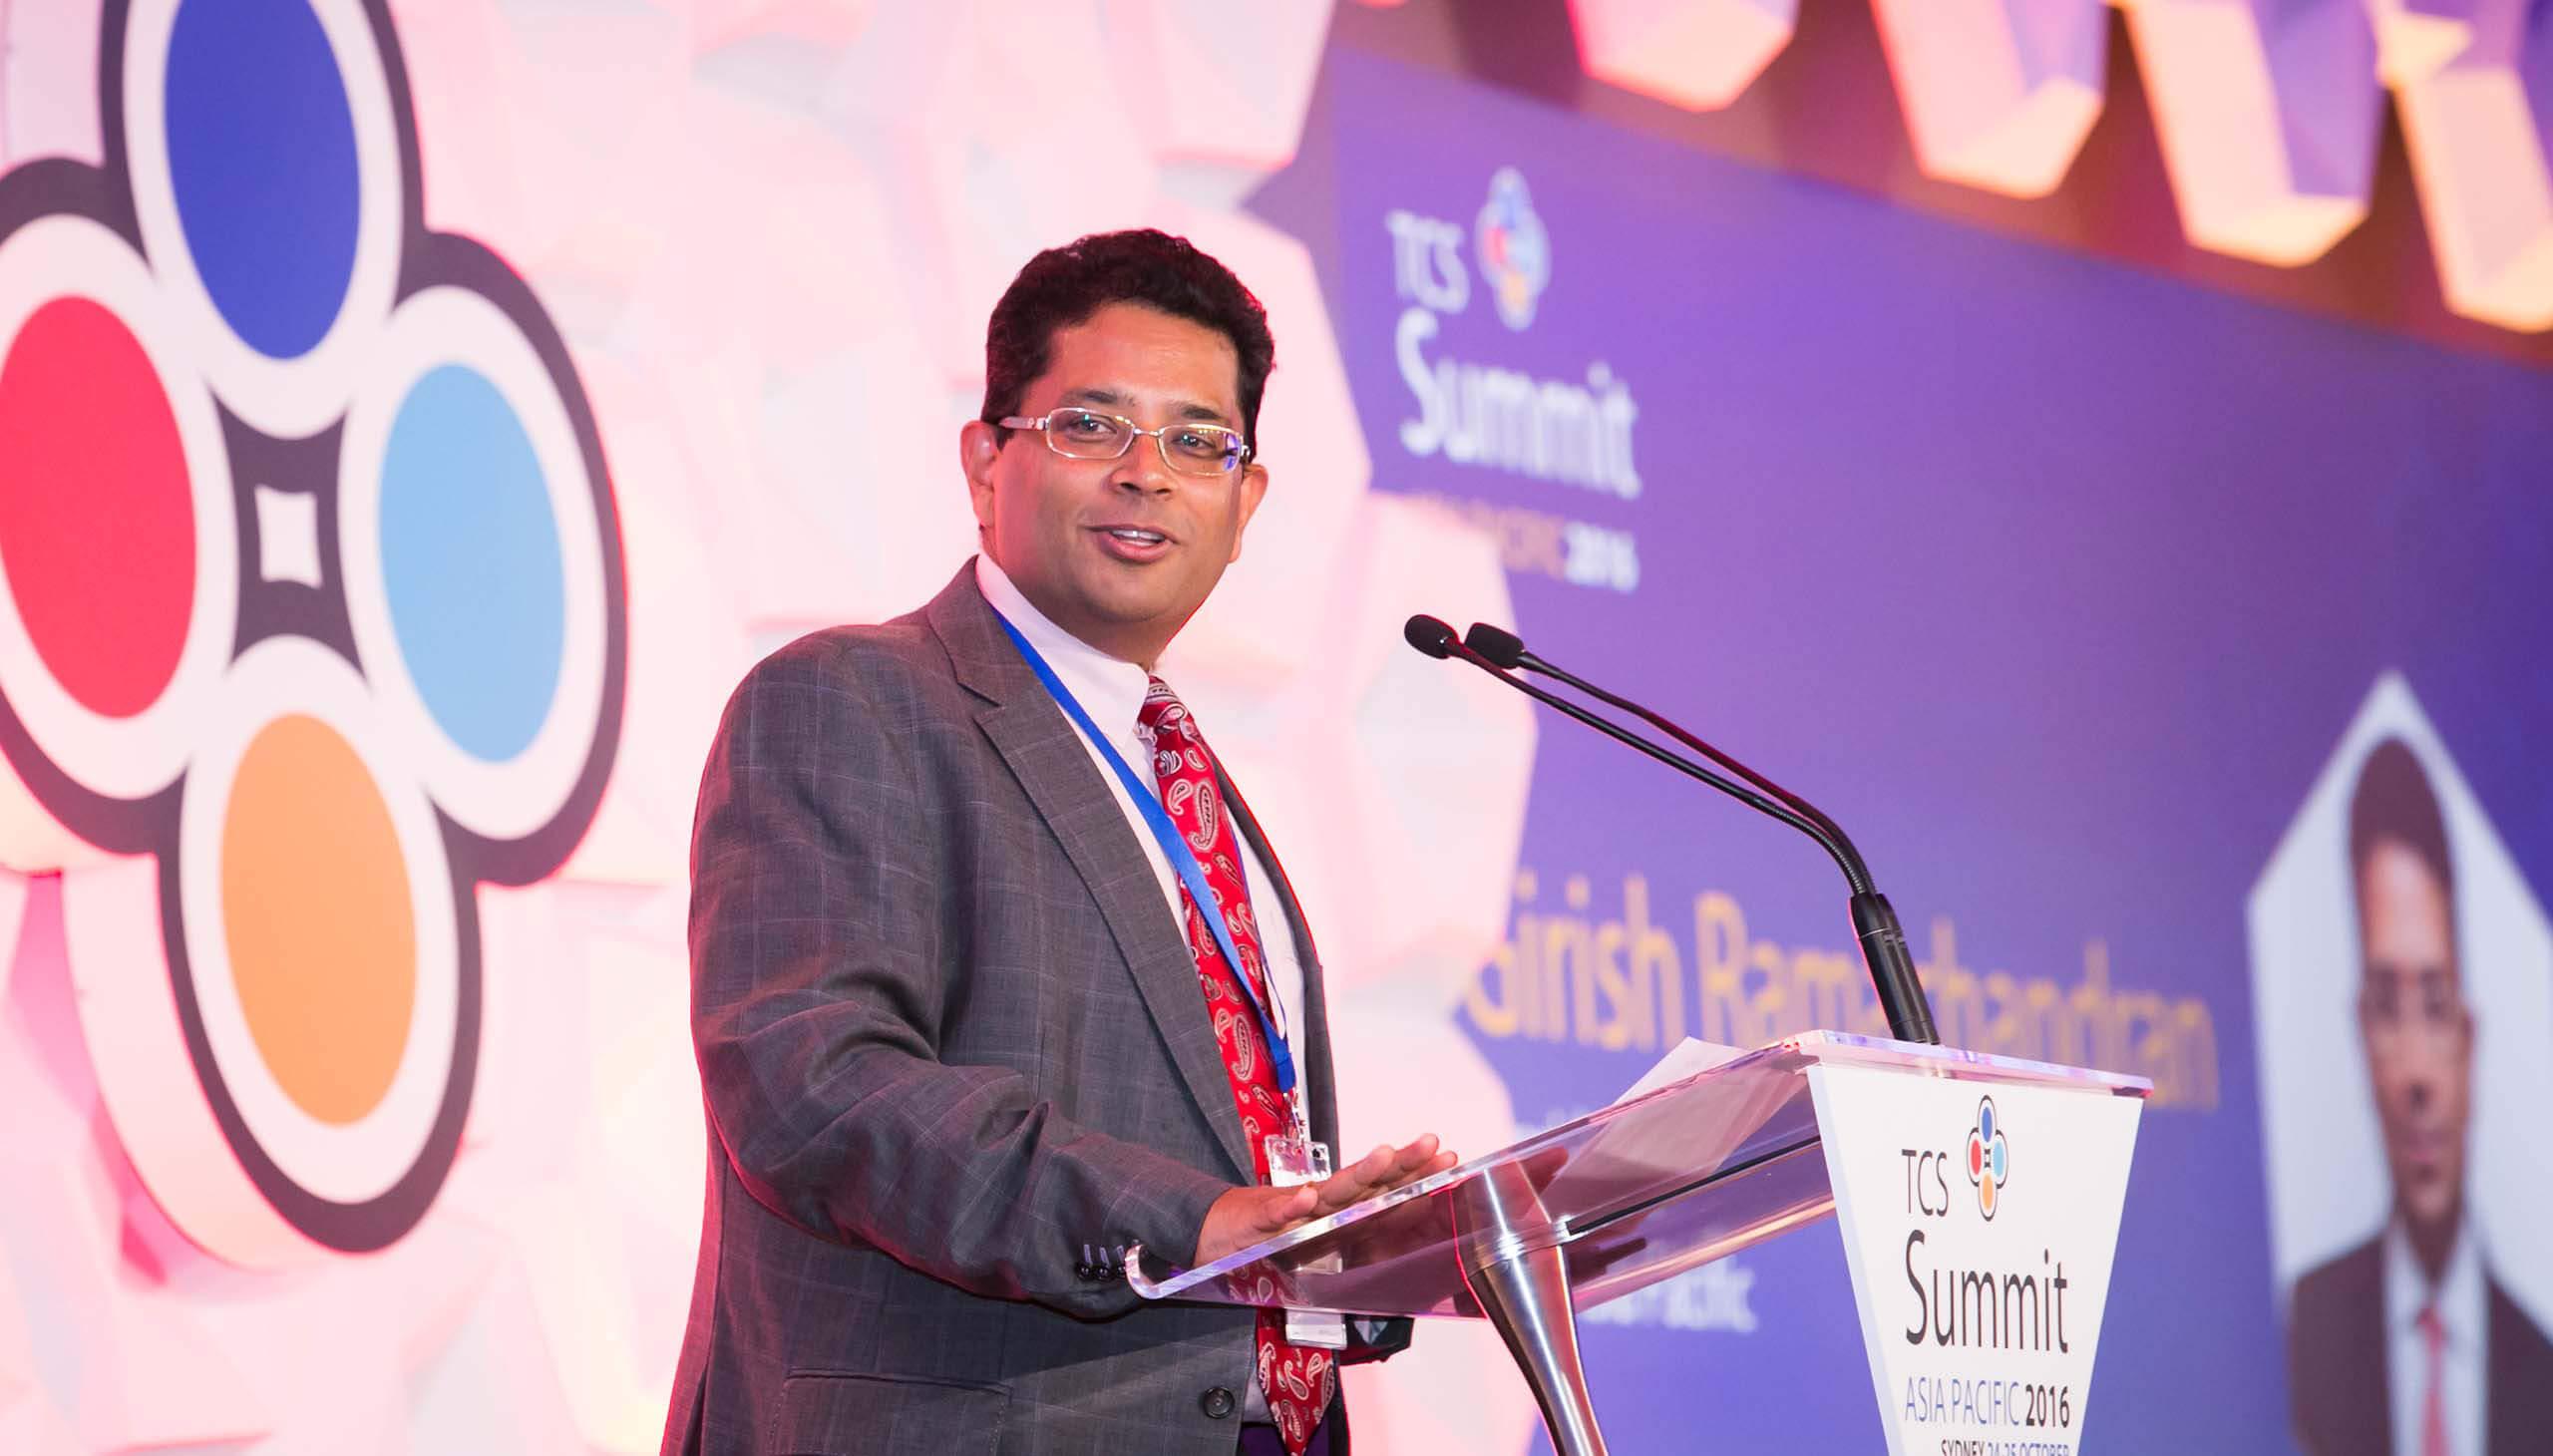 Speaker at TSC summit